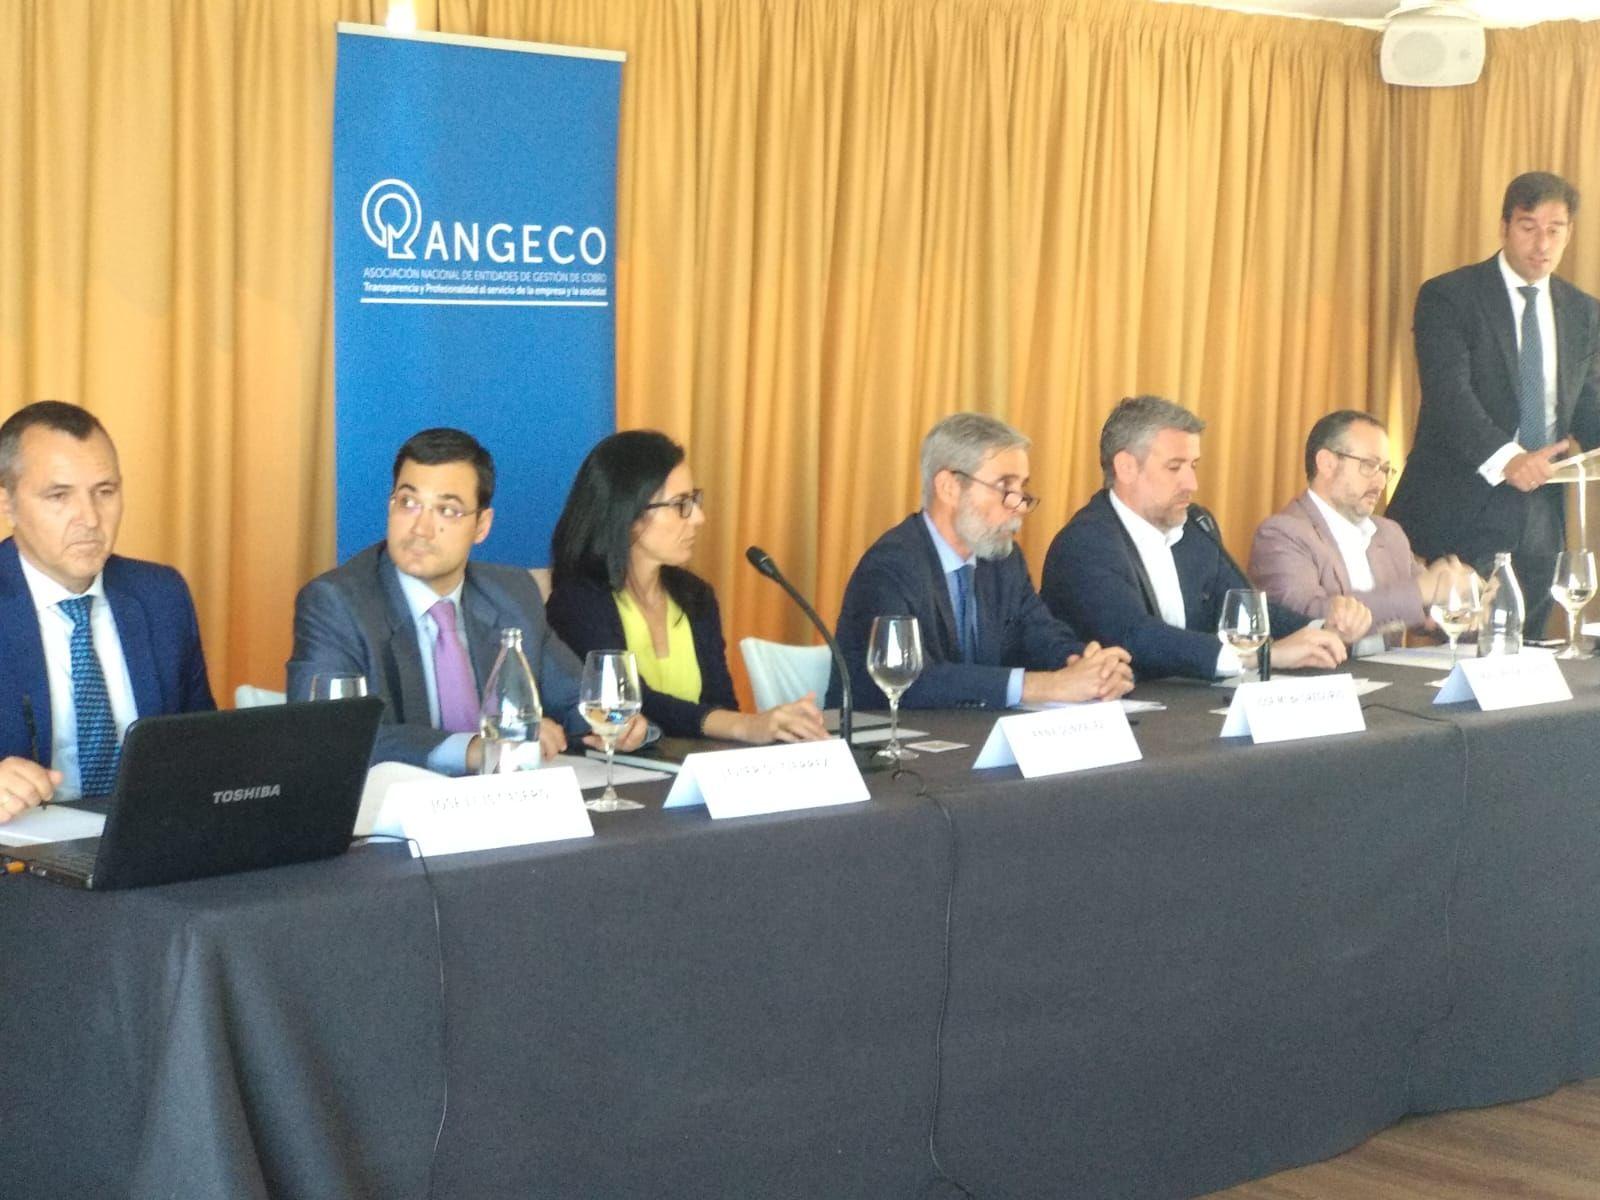 Foto de Mesa Debate ANGECO sobre conciliación e igualdad